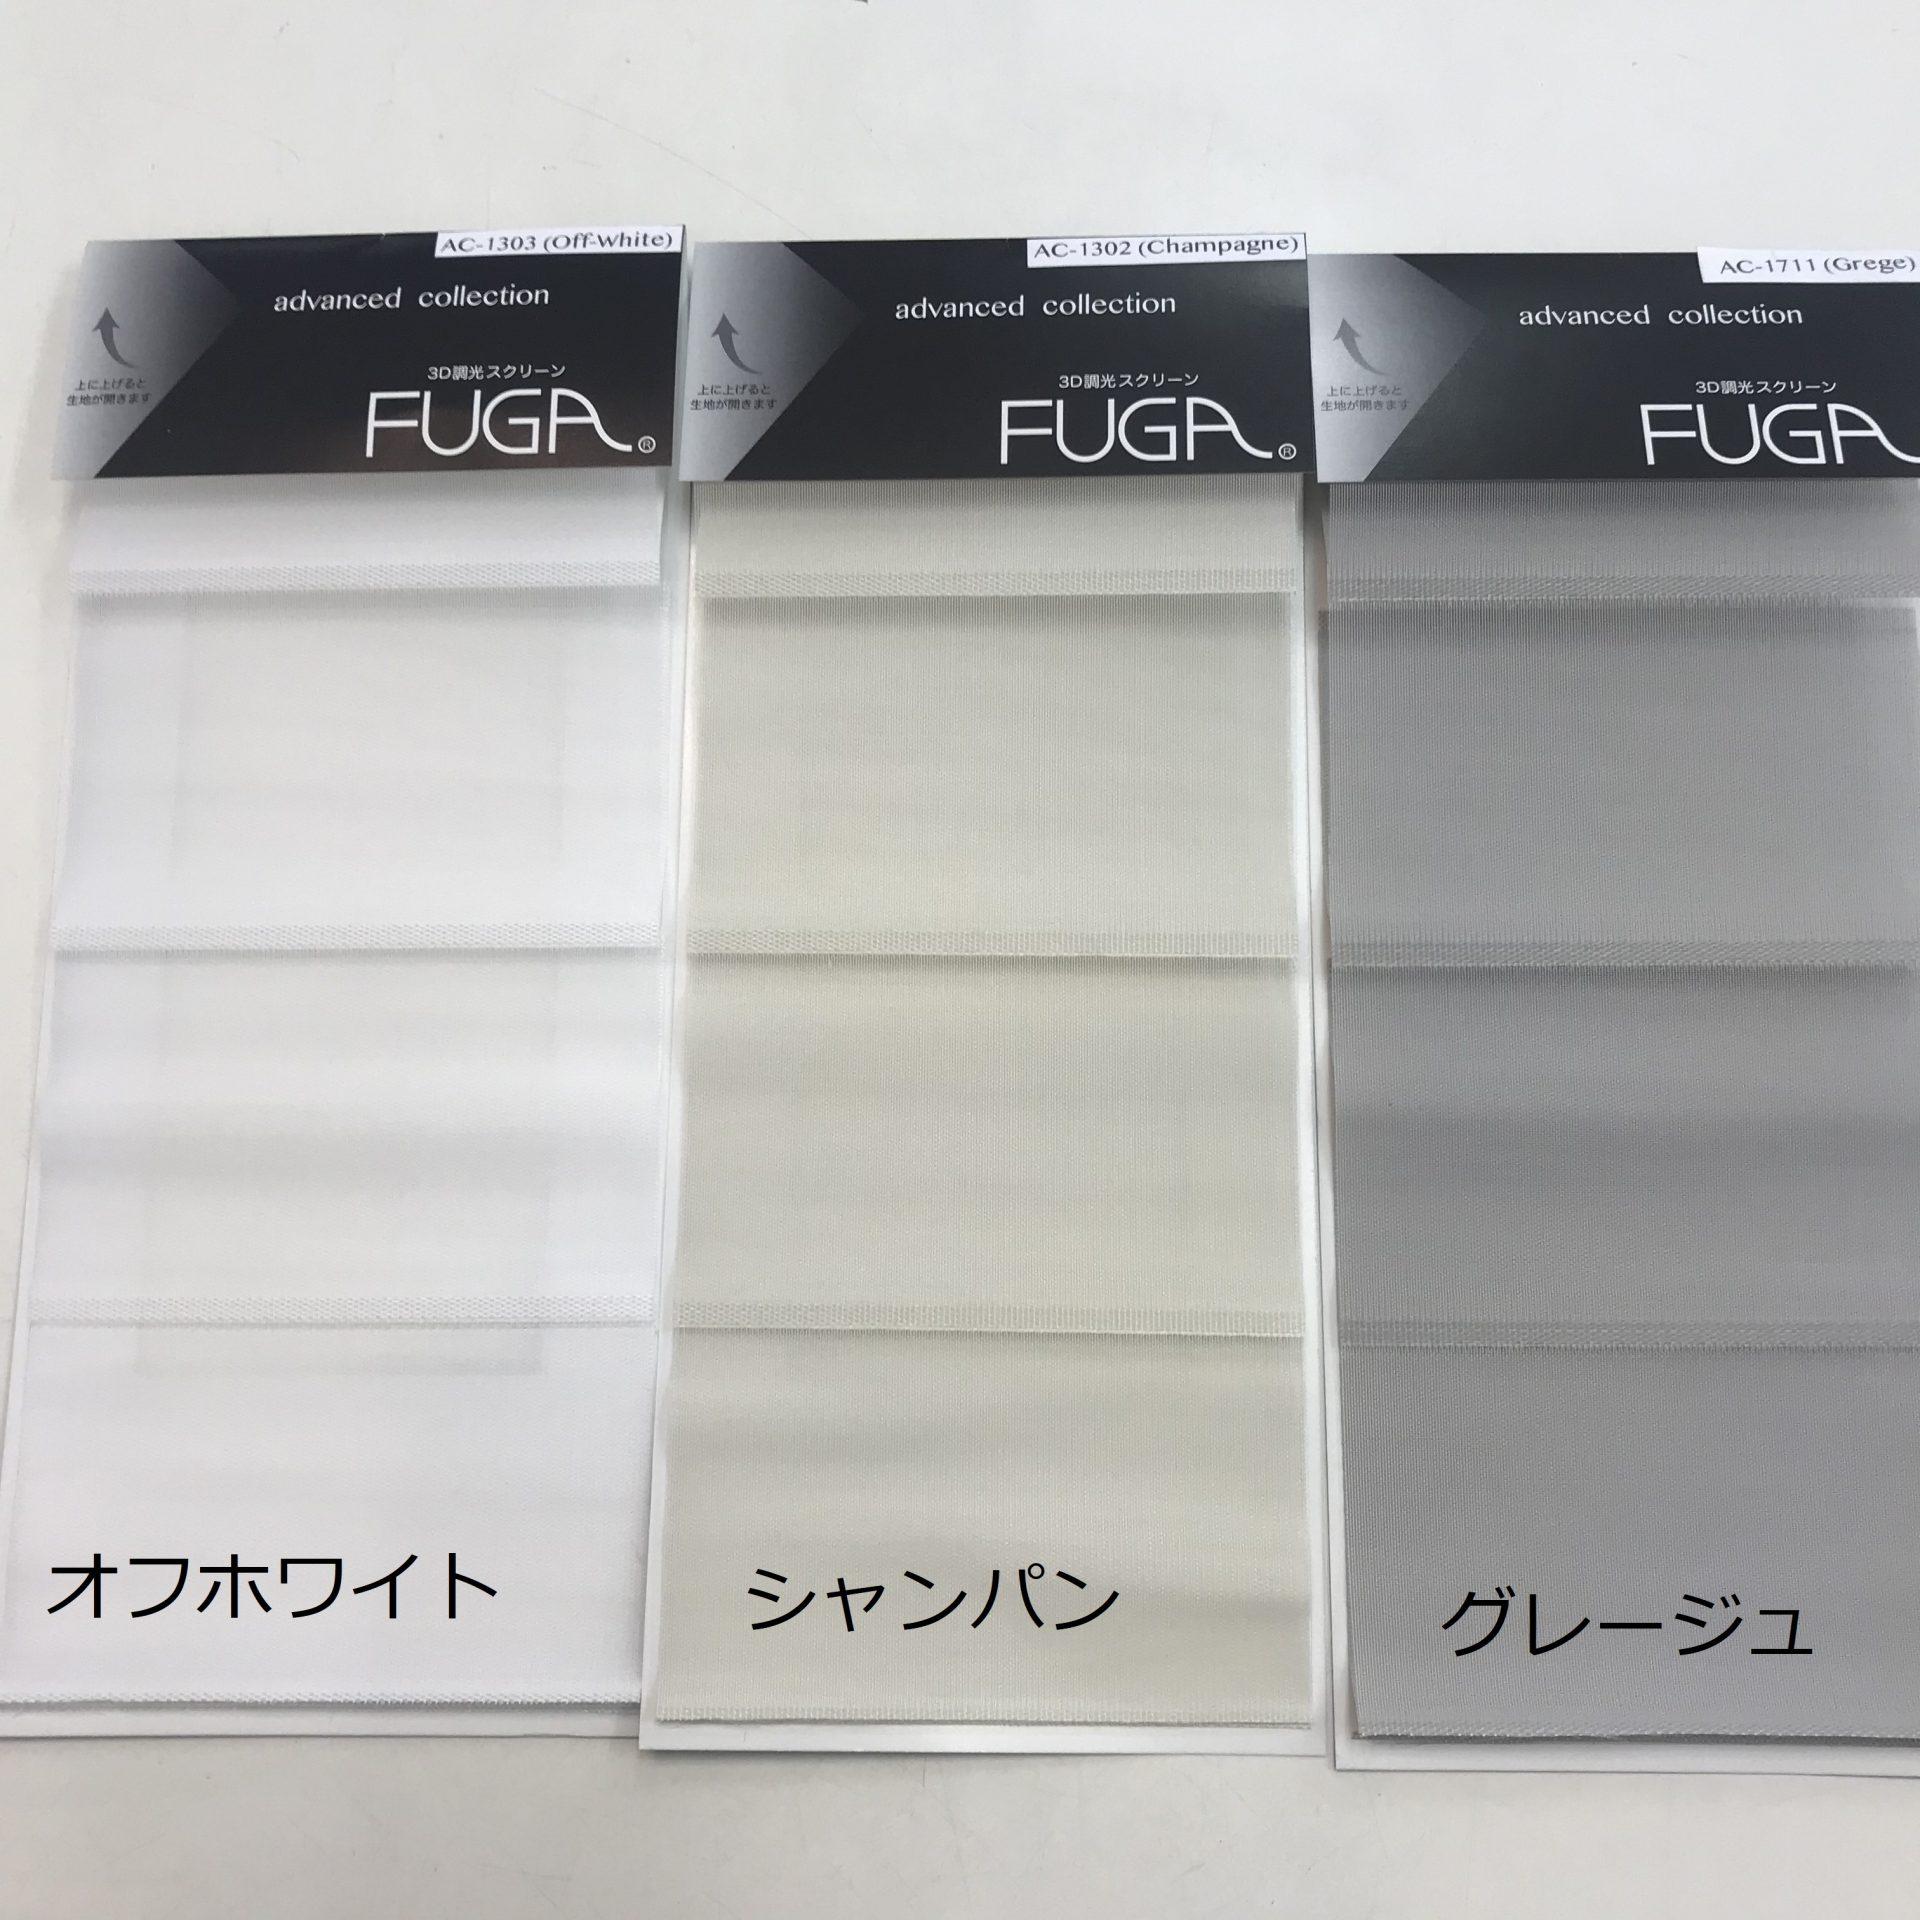 FUGA ACシリーズ